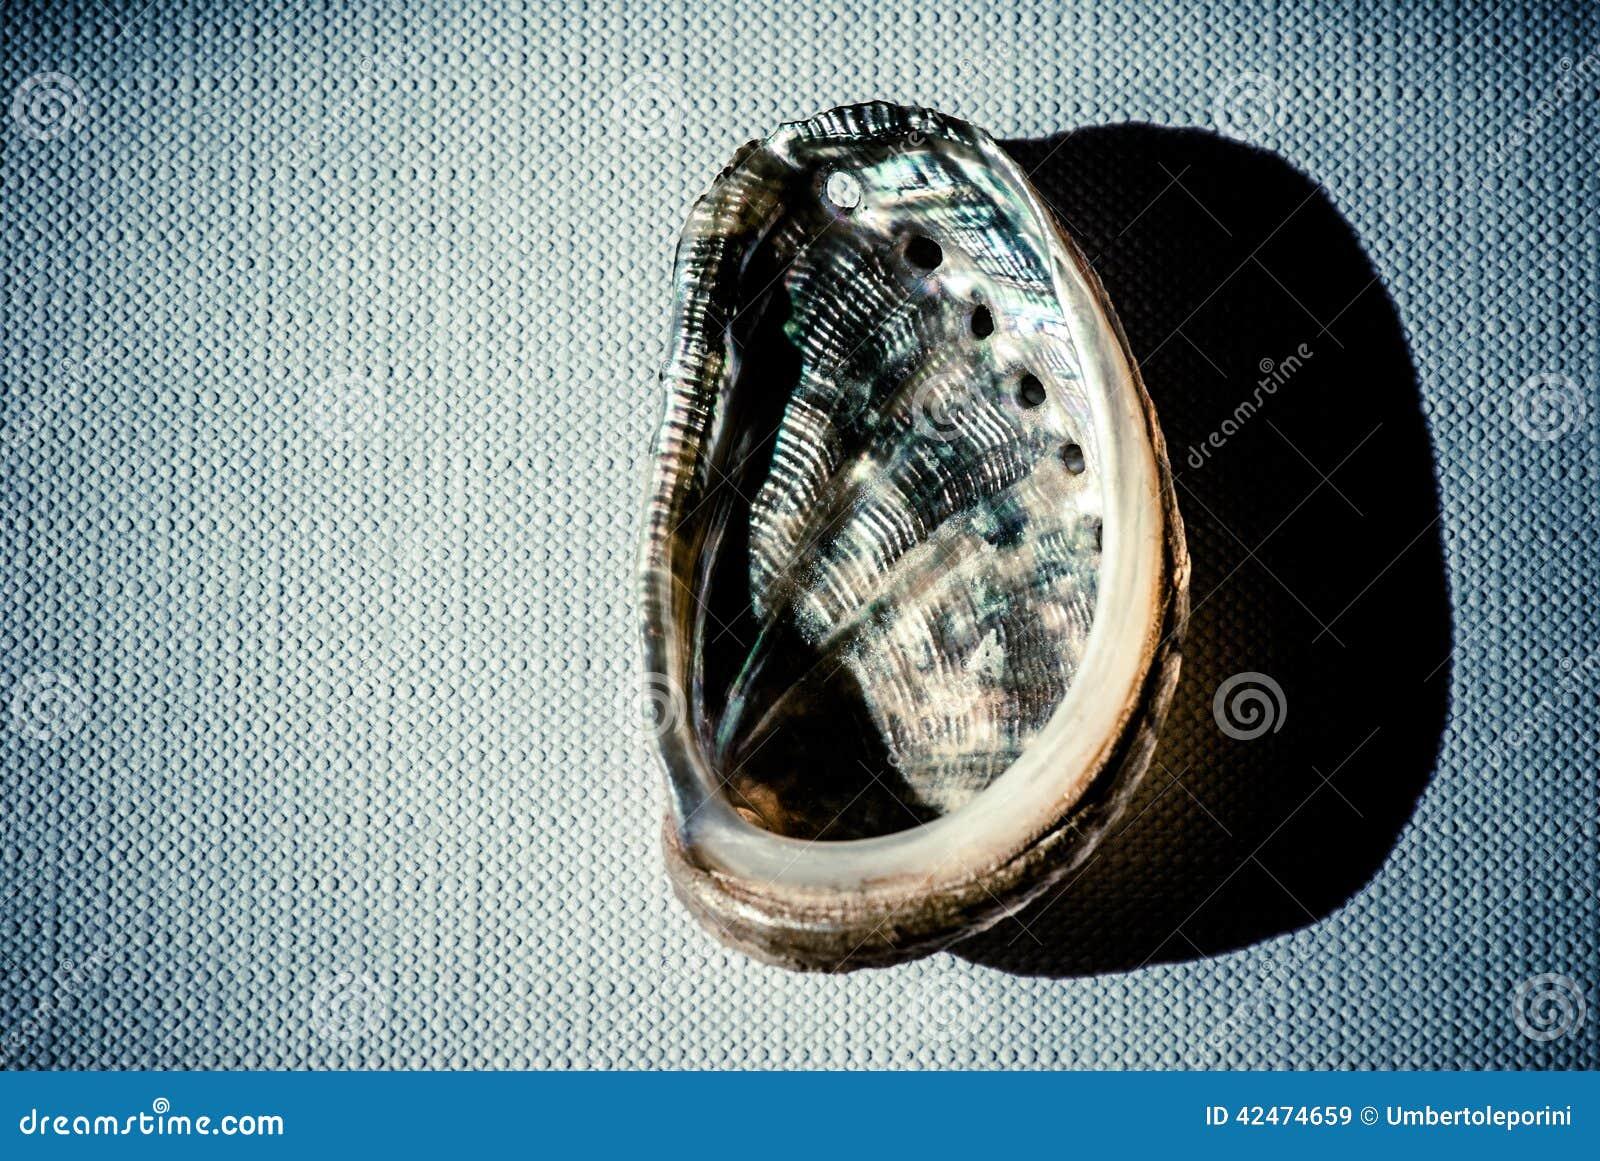 Muschel über Segeltuch